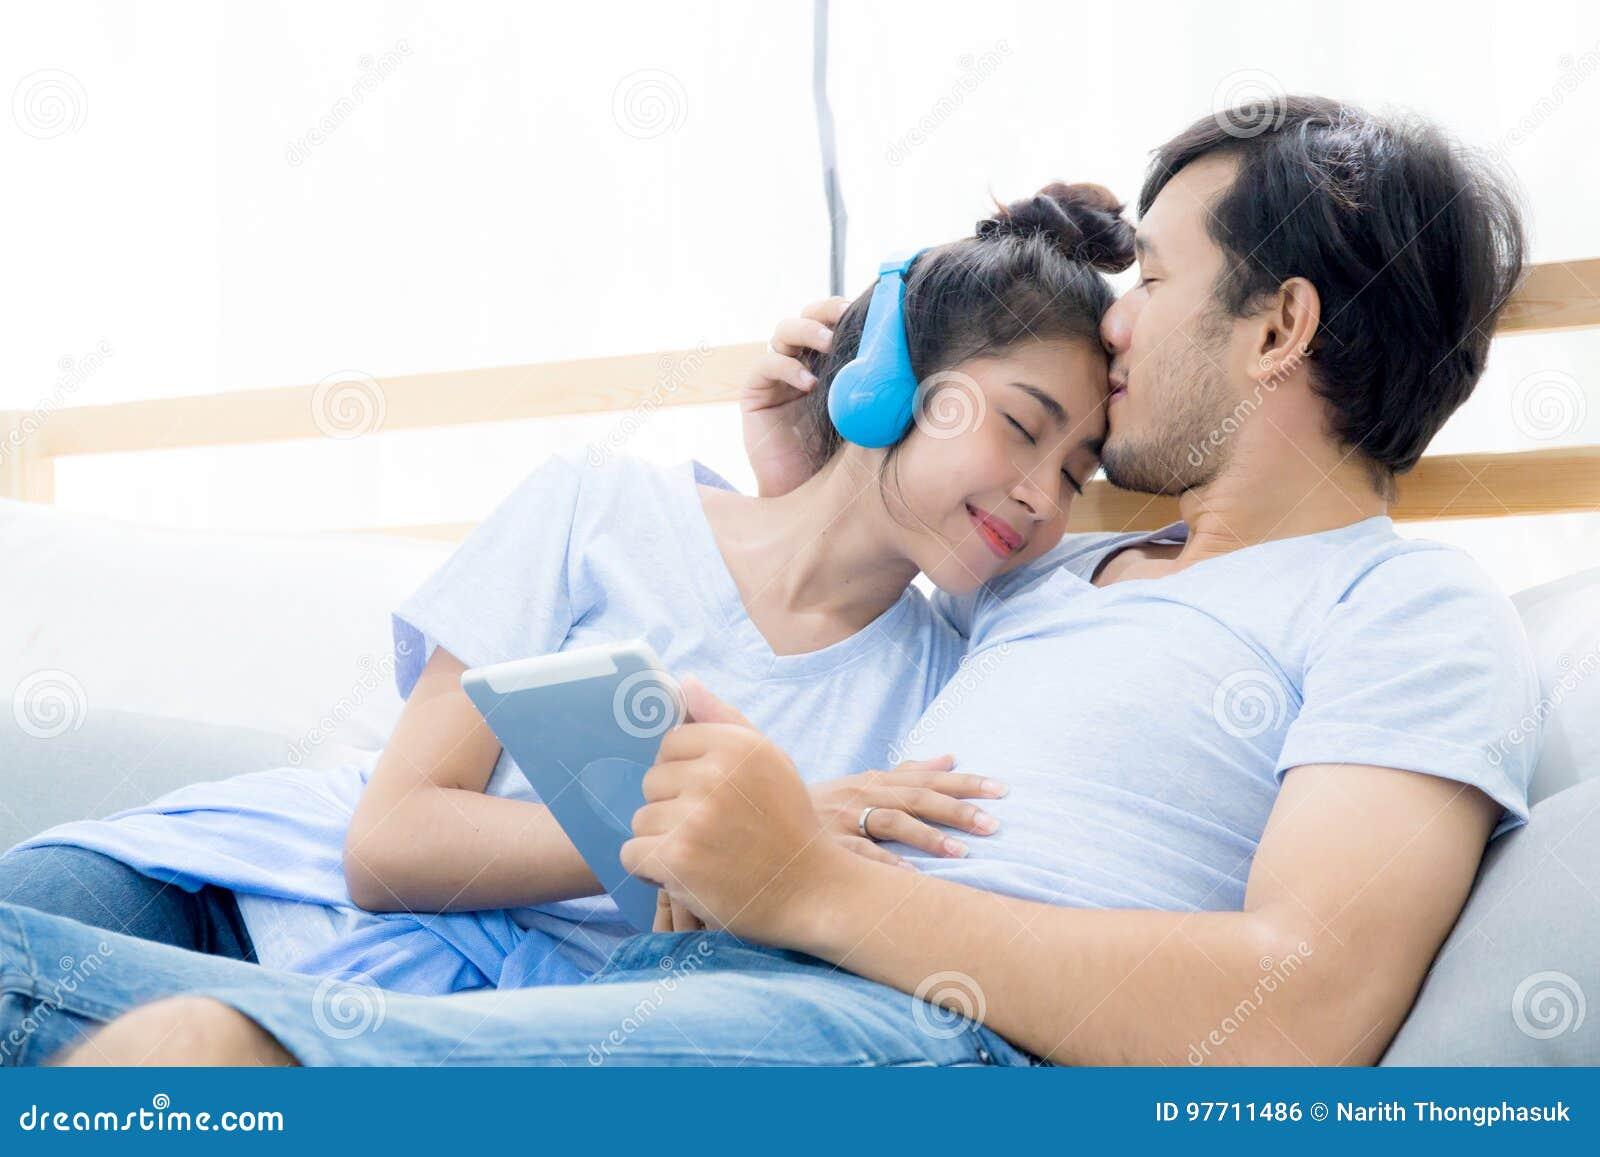 Asiatische Datierung aus